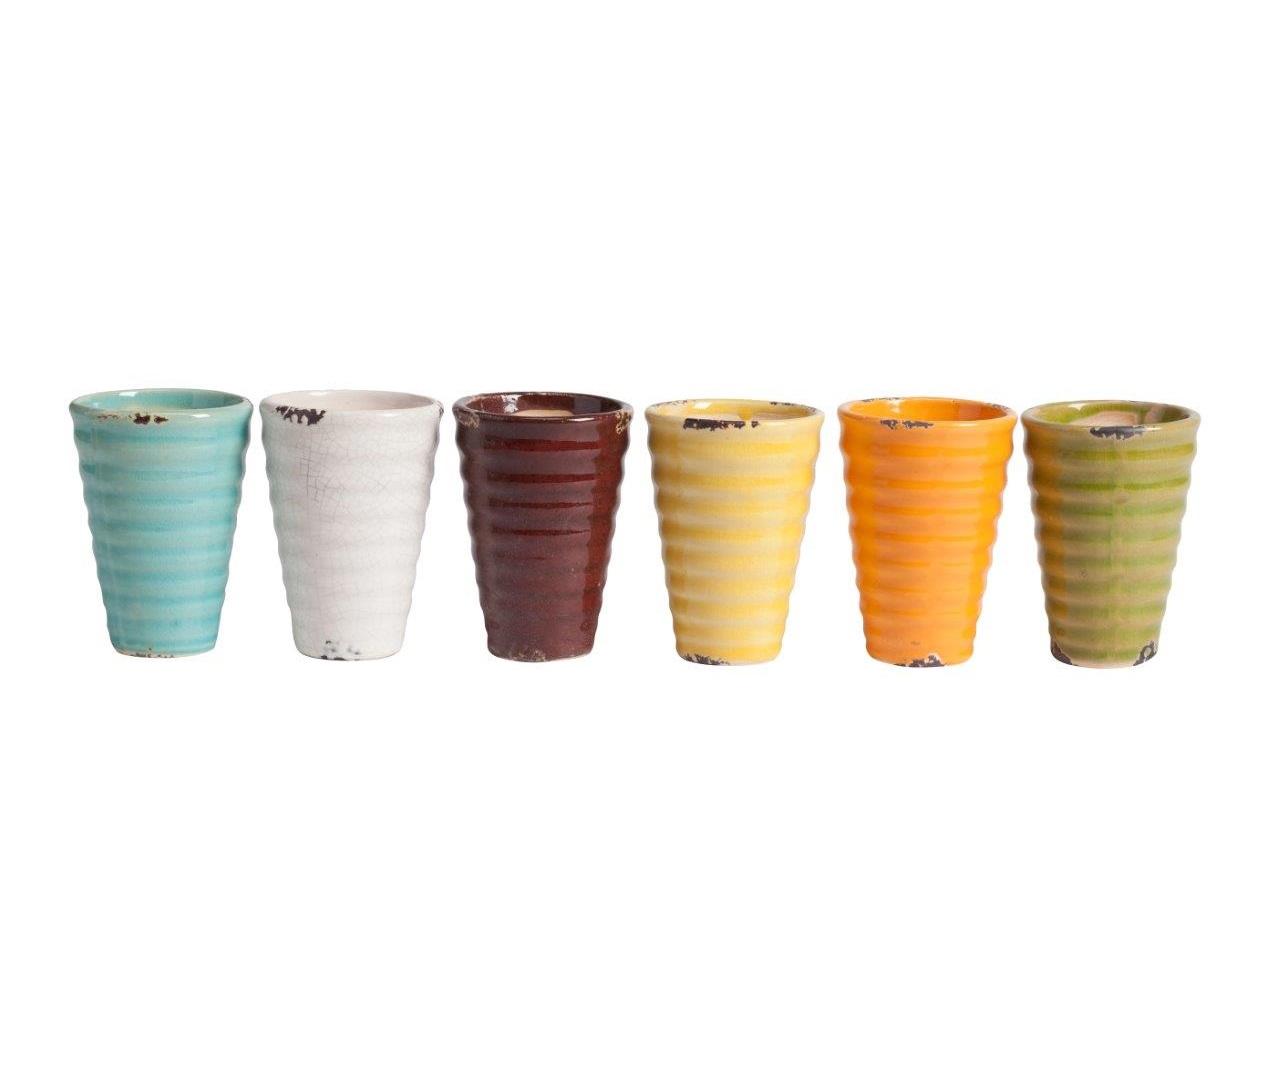 Набор подсвечников SemperПодсвечники<br>Набор Semper состоит из шести керамических подсвечников разного цвета, упакованных в бежевую картонную коробку с прозрачной крышкой. Такой набор может быть не только красивым украшением интерьера, но и универсальным подарком на любой случай. Дарите красивые вещи!<br><br>Material: Керамика<br>Height см: 7<br>Diameter см: 7